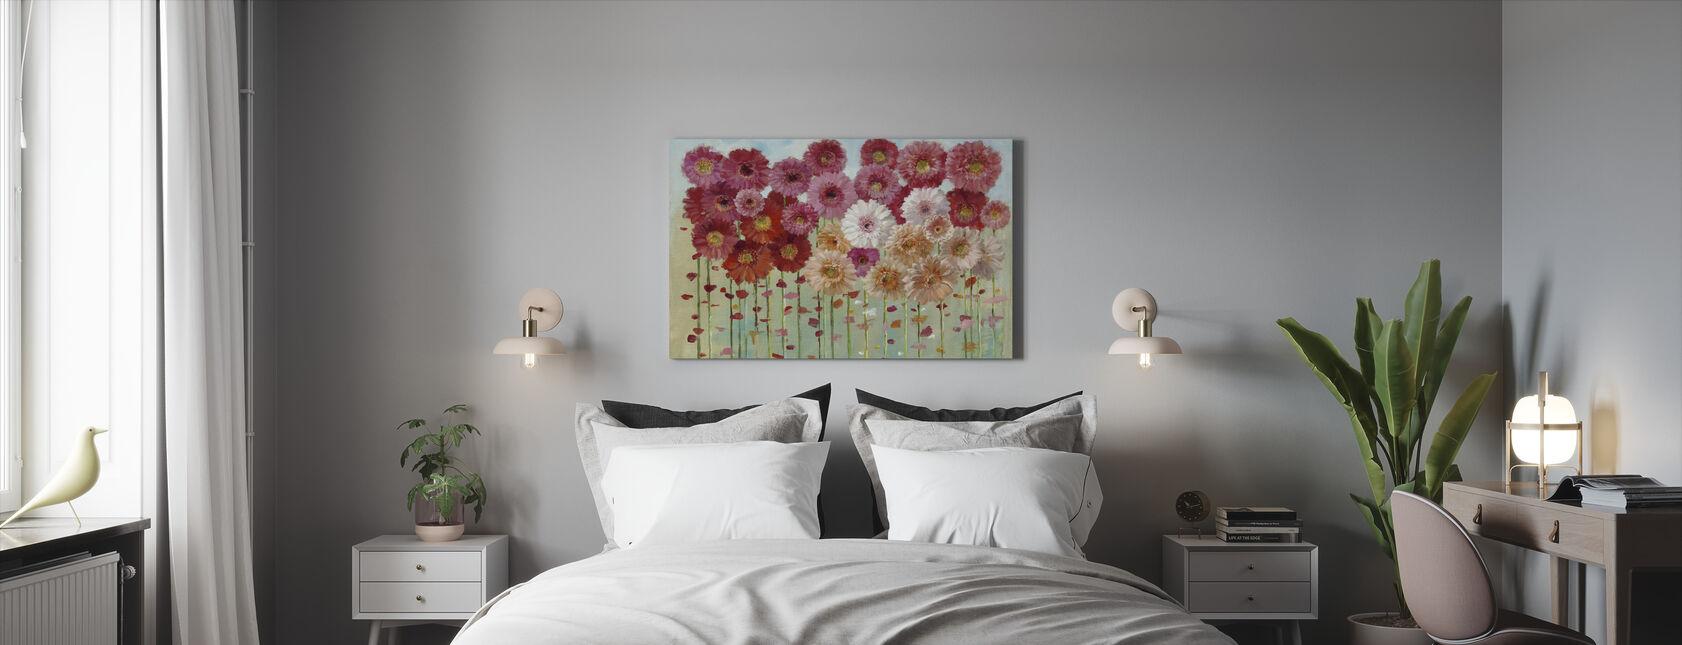 Madeliefjes Lente - Canvas print - Slaapkamer